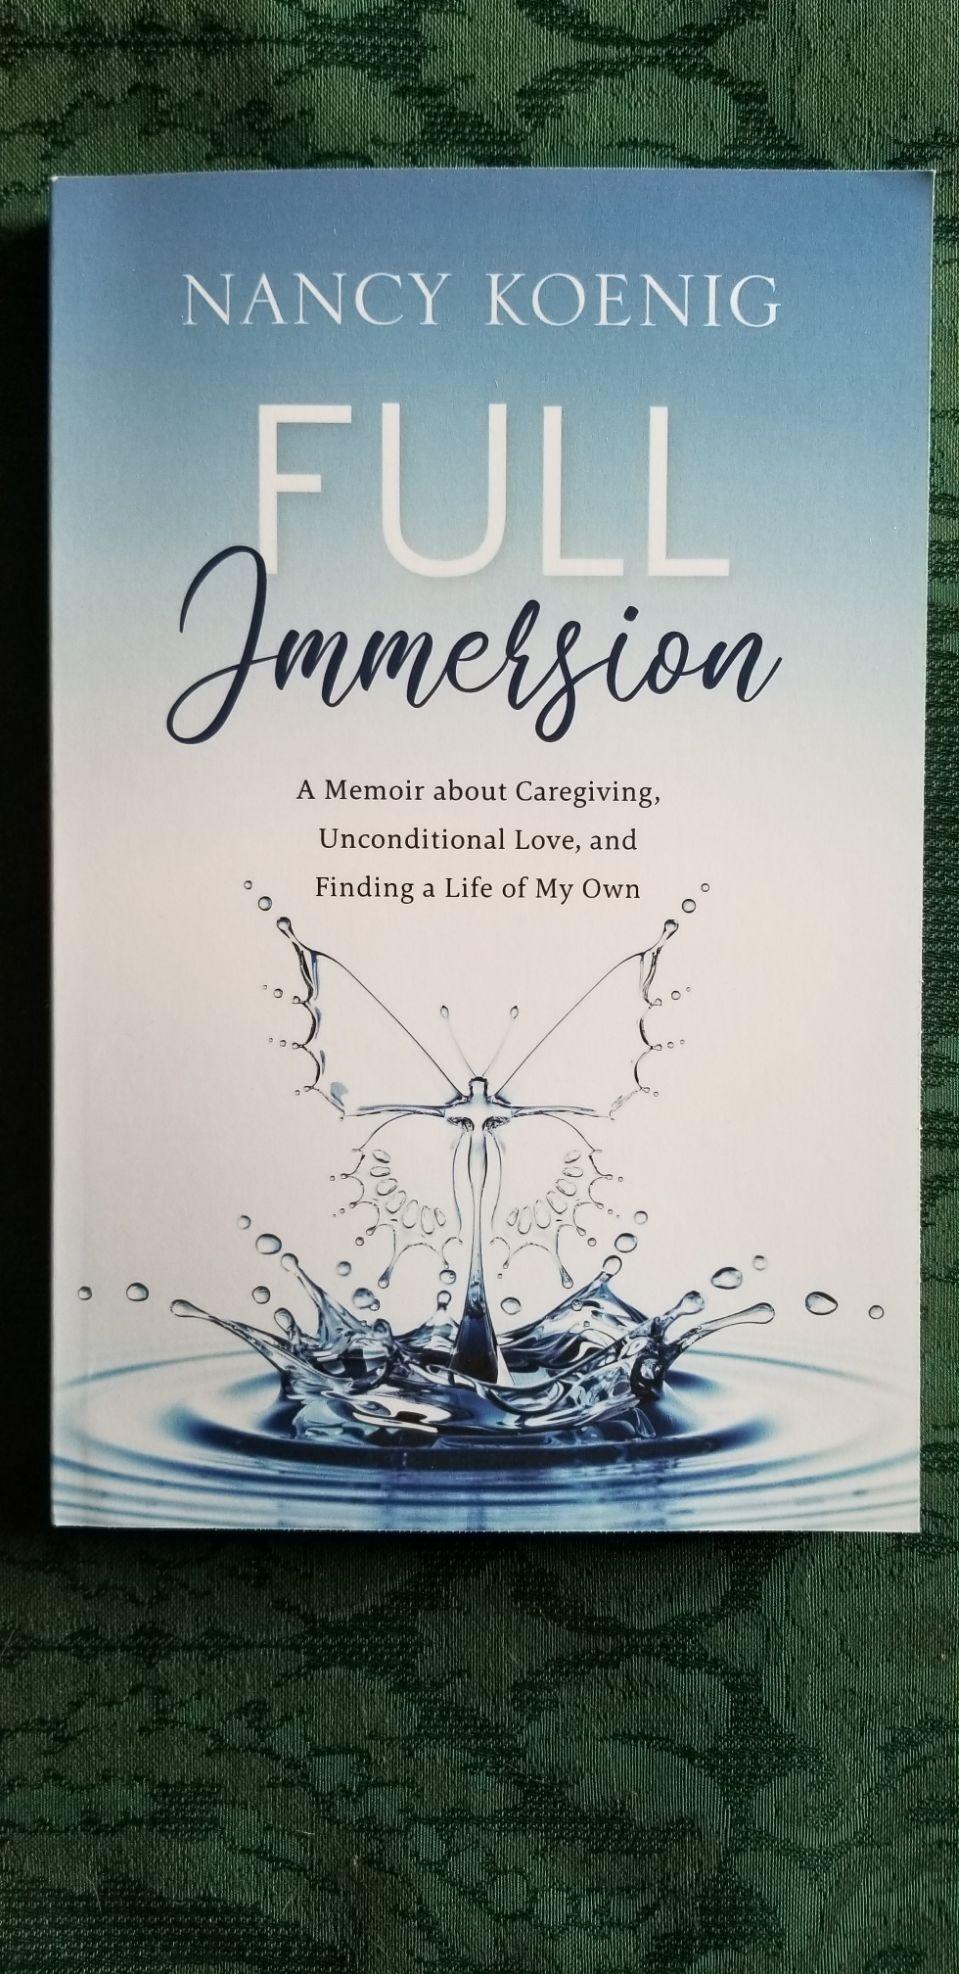 Full Immersion book cover.jpg